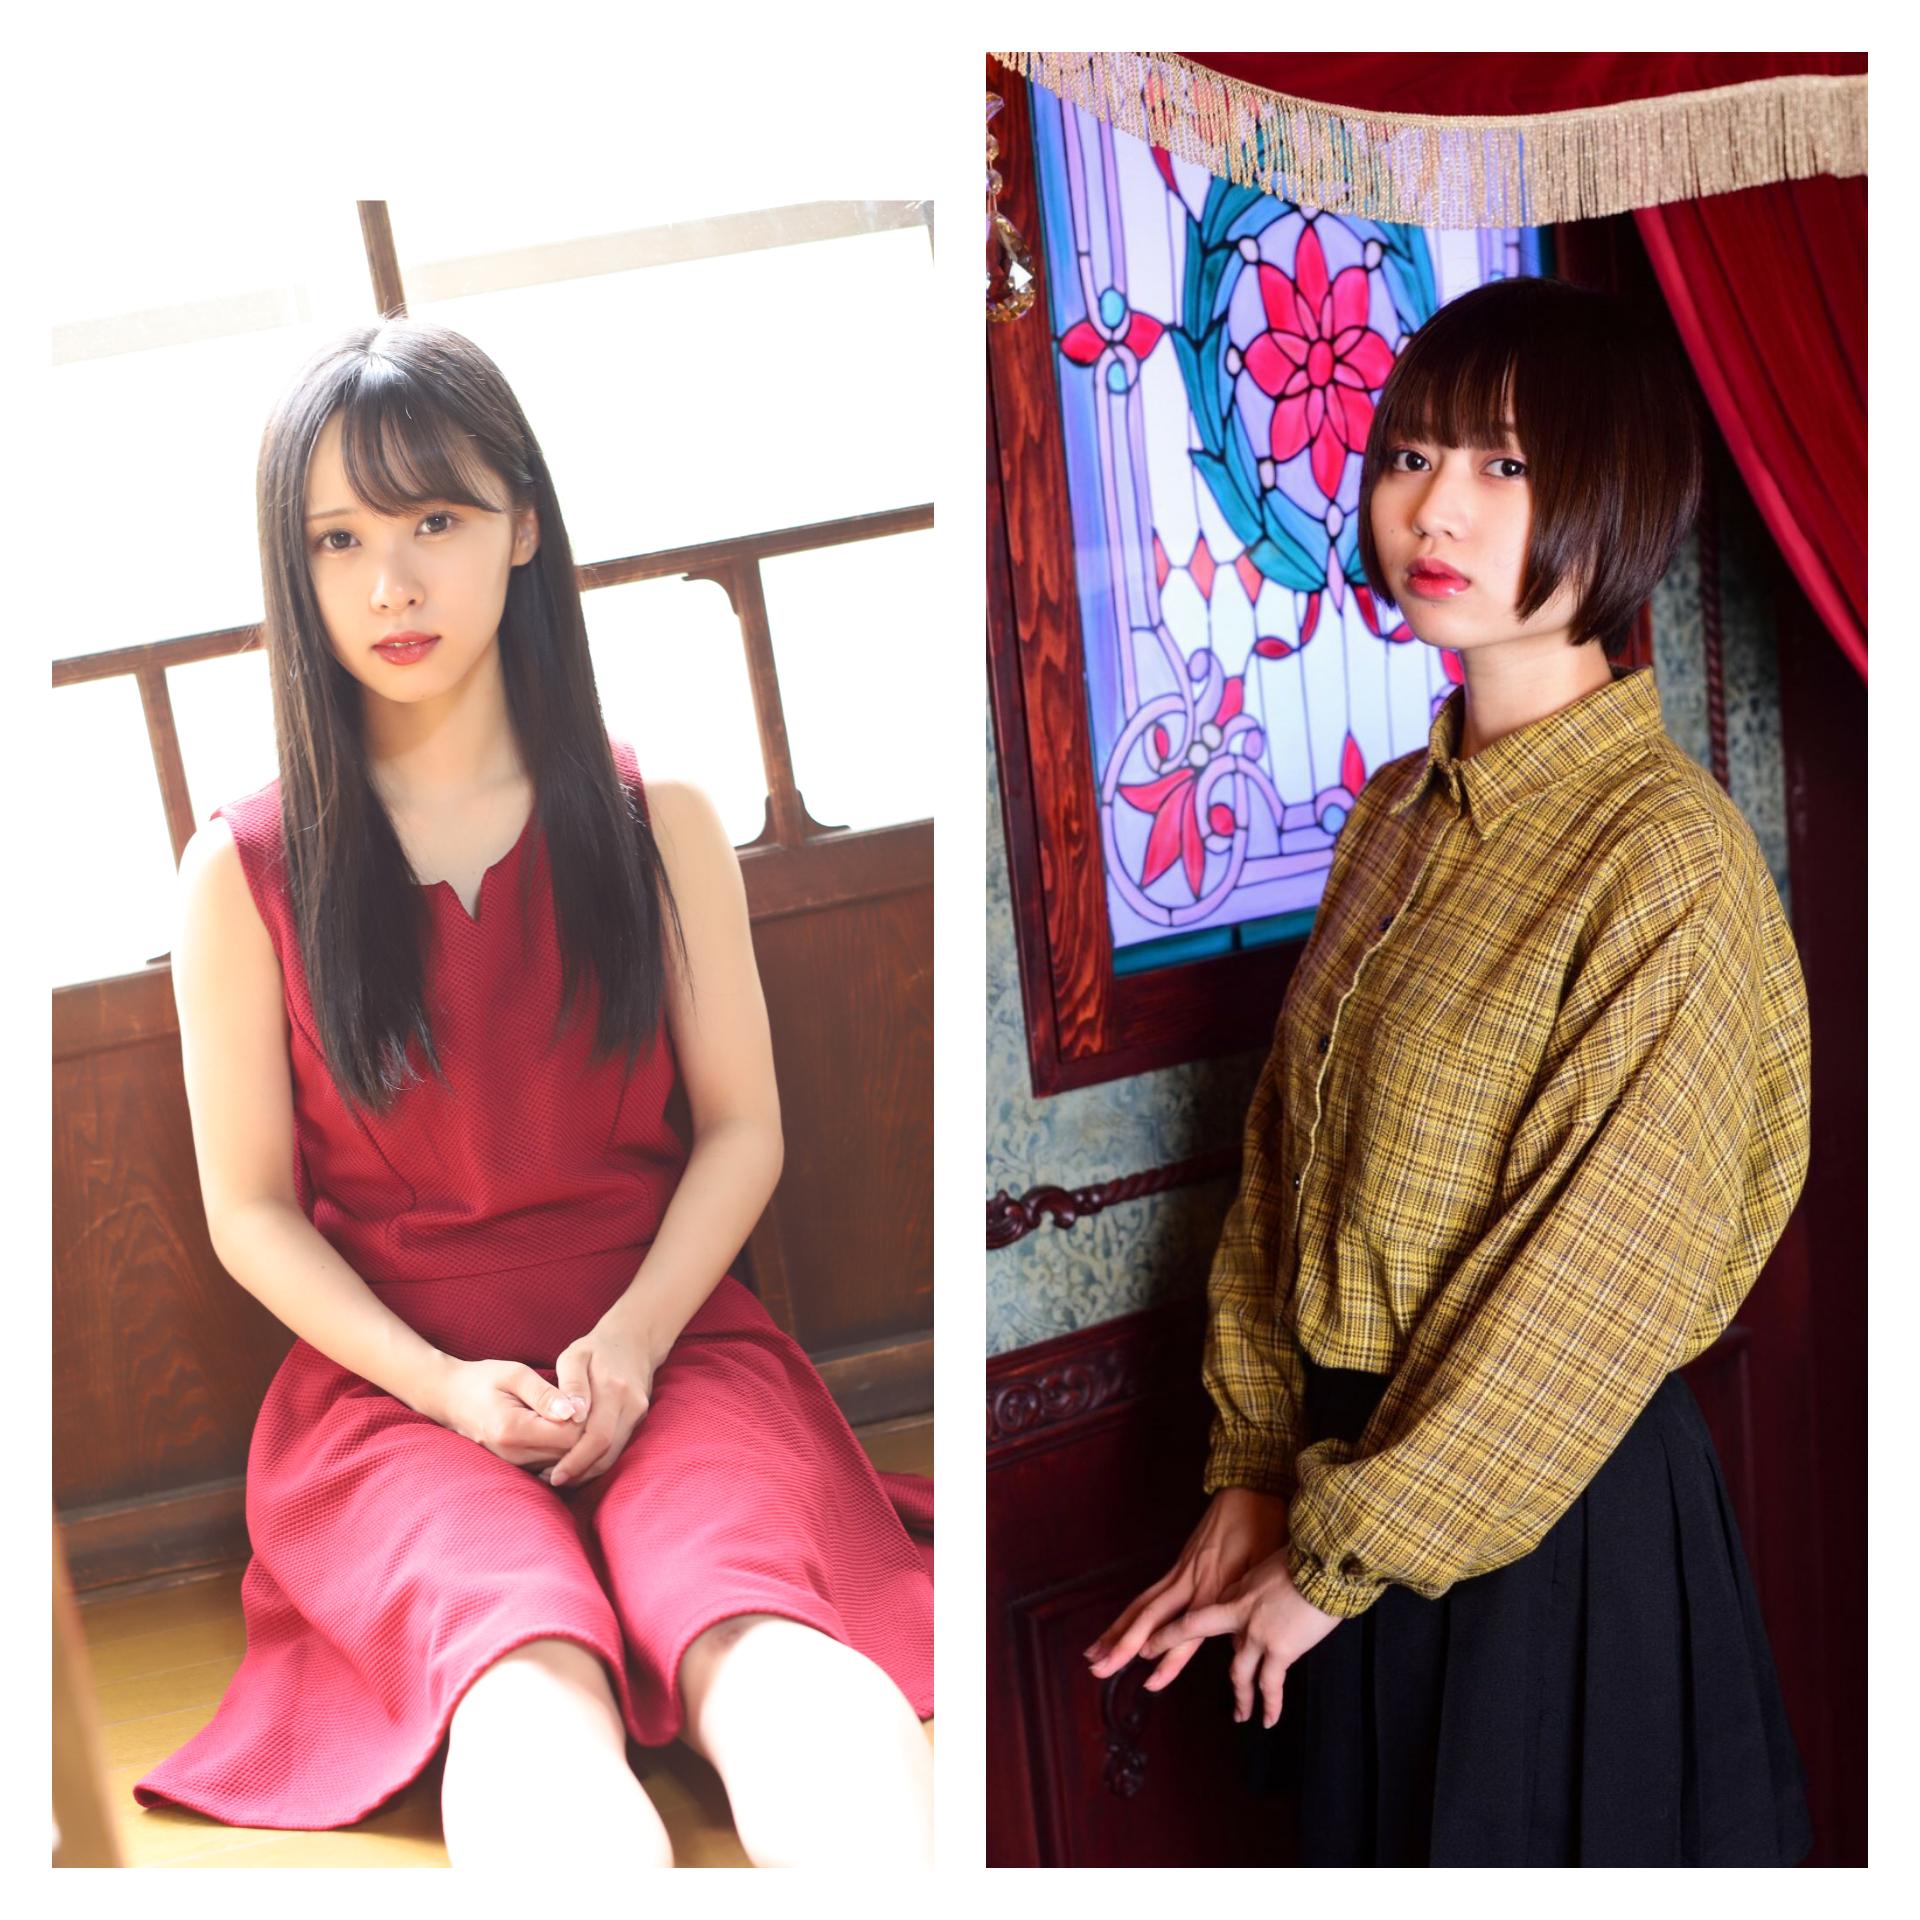 工藤聖奈&西山野園美お花見オフ会開催! 4/3更新